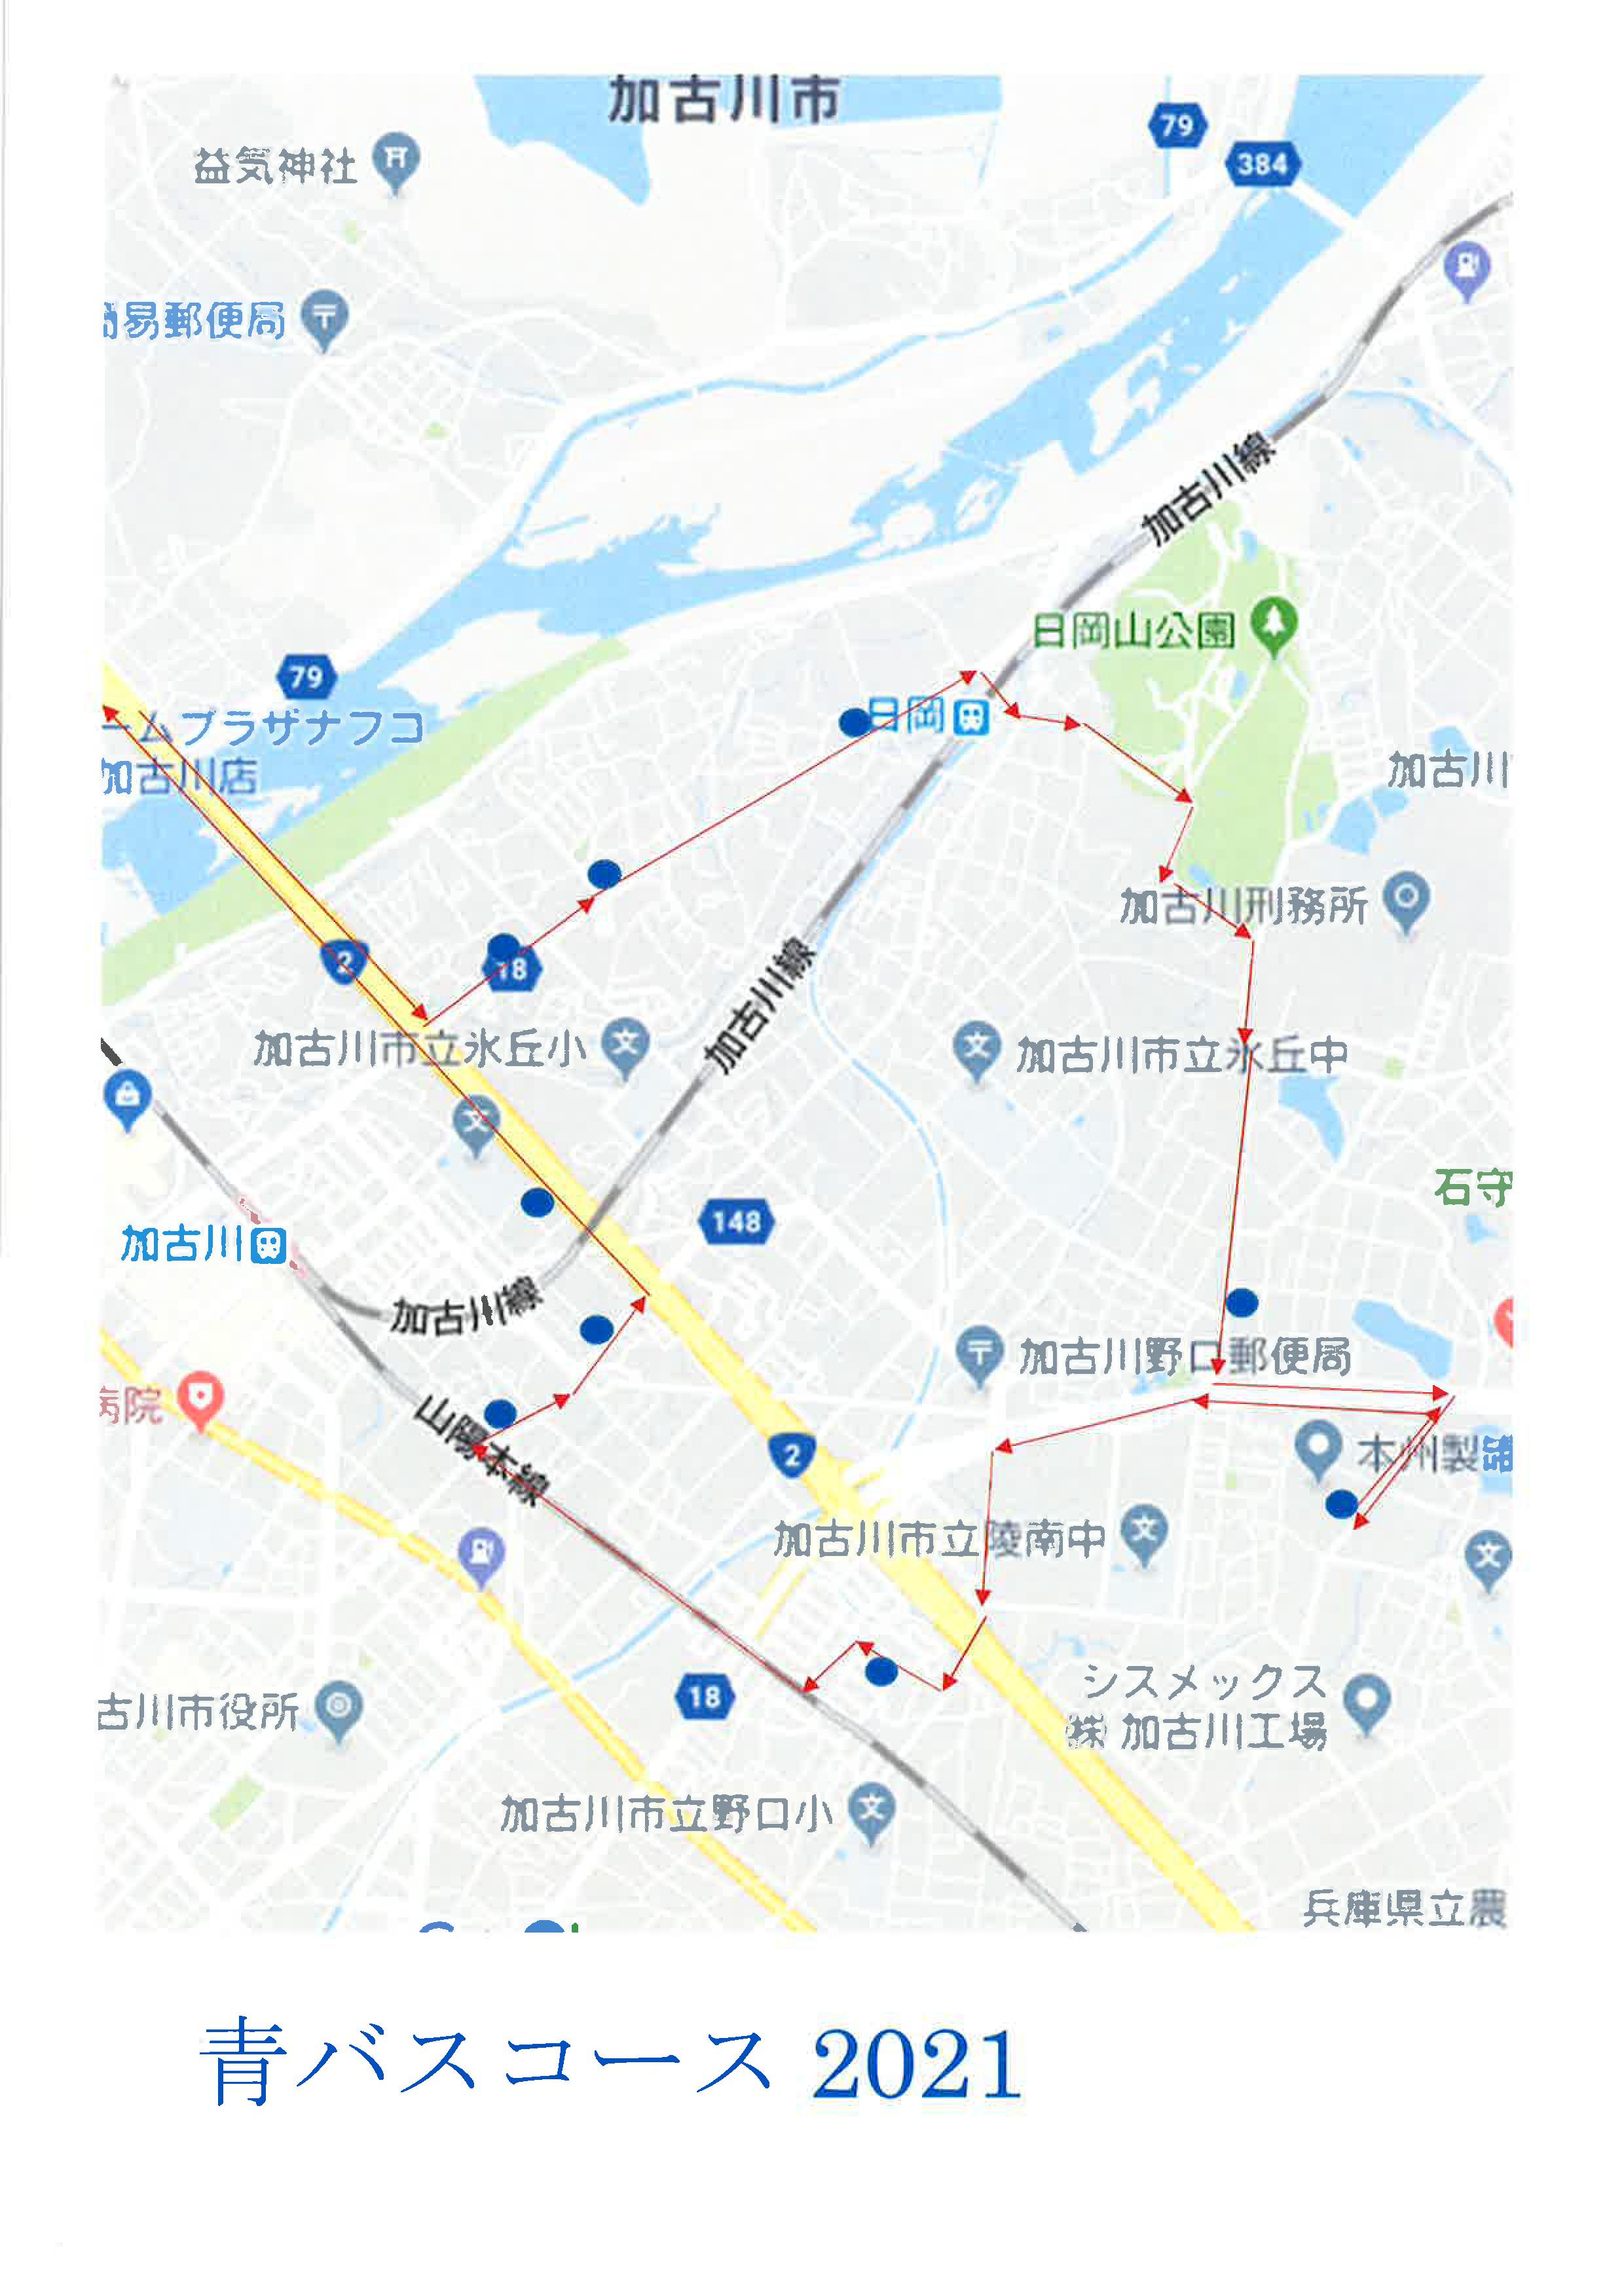 あおバス路線図